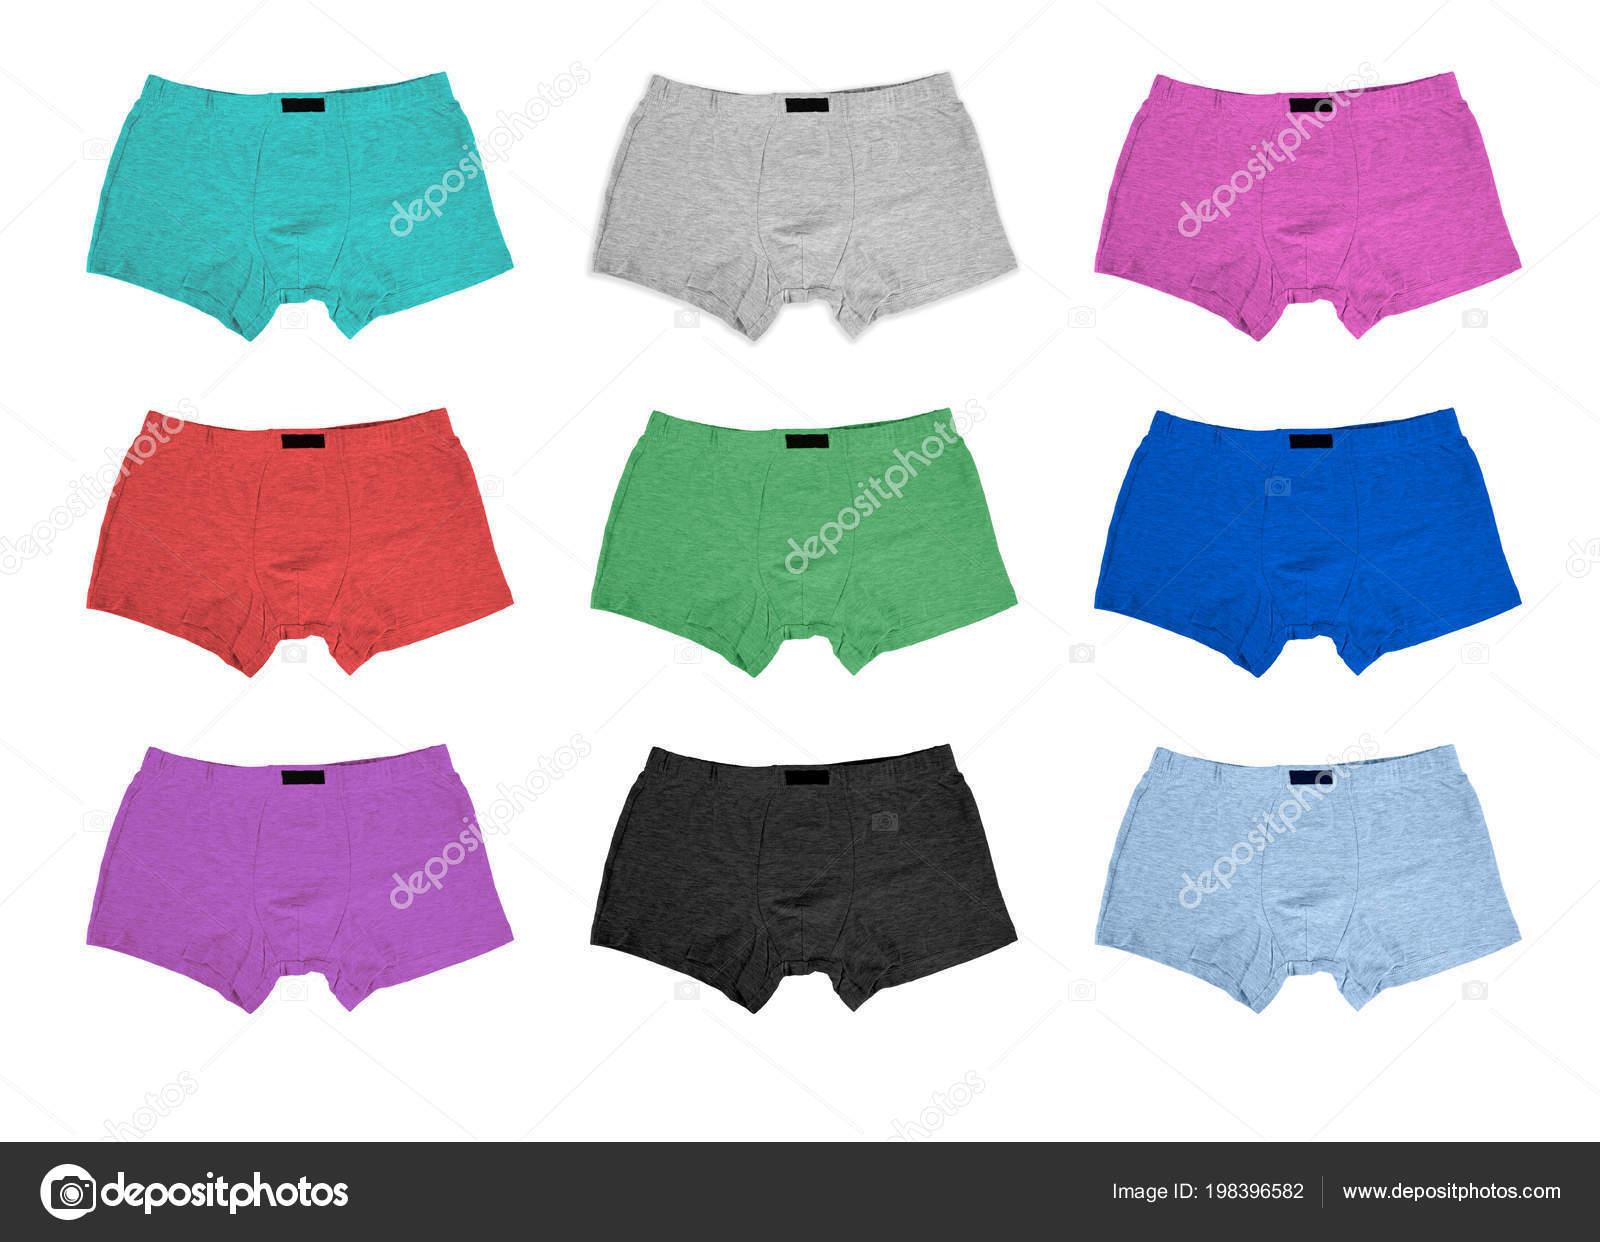 2574a3195 Conjunto de calcinha de algodão masculino no fundo branco — Fotografia de  Stock